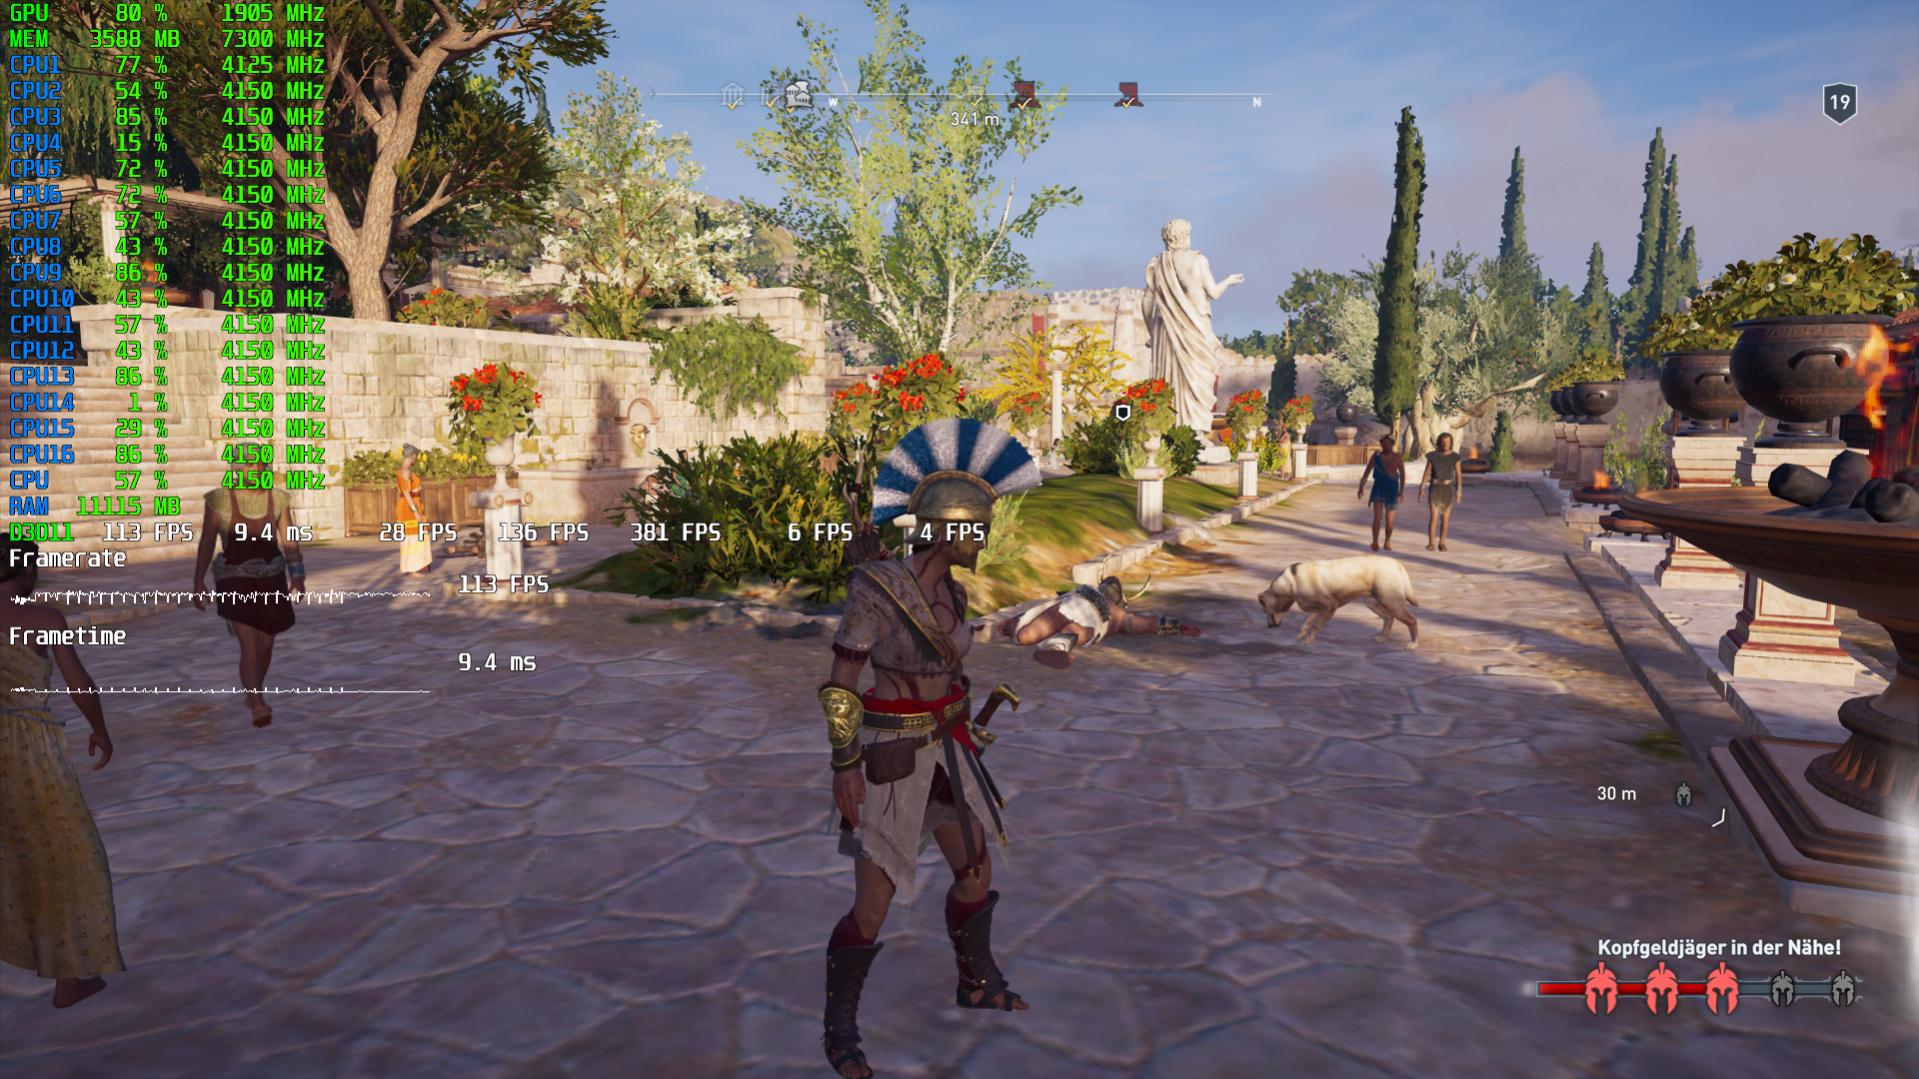 Klicken Sie auf die Grafik für eine größere Ansicht  Name:Assassin's Creed  Odyssey Screenshot 2019.08.01 - 22.22.18.63.jpg Hits:443 Größe:1,02 MB ID:1054338